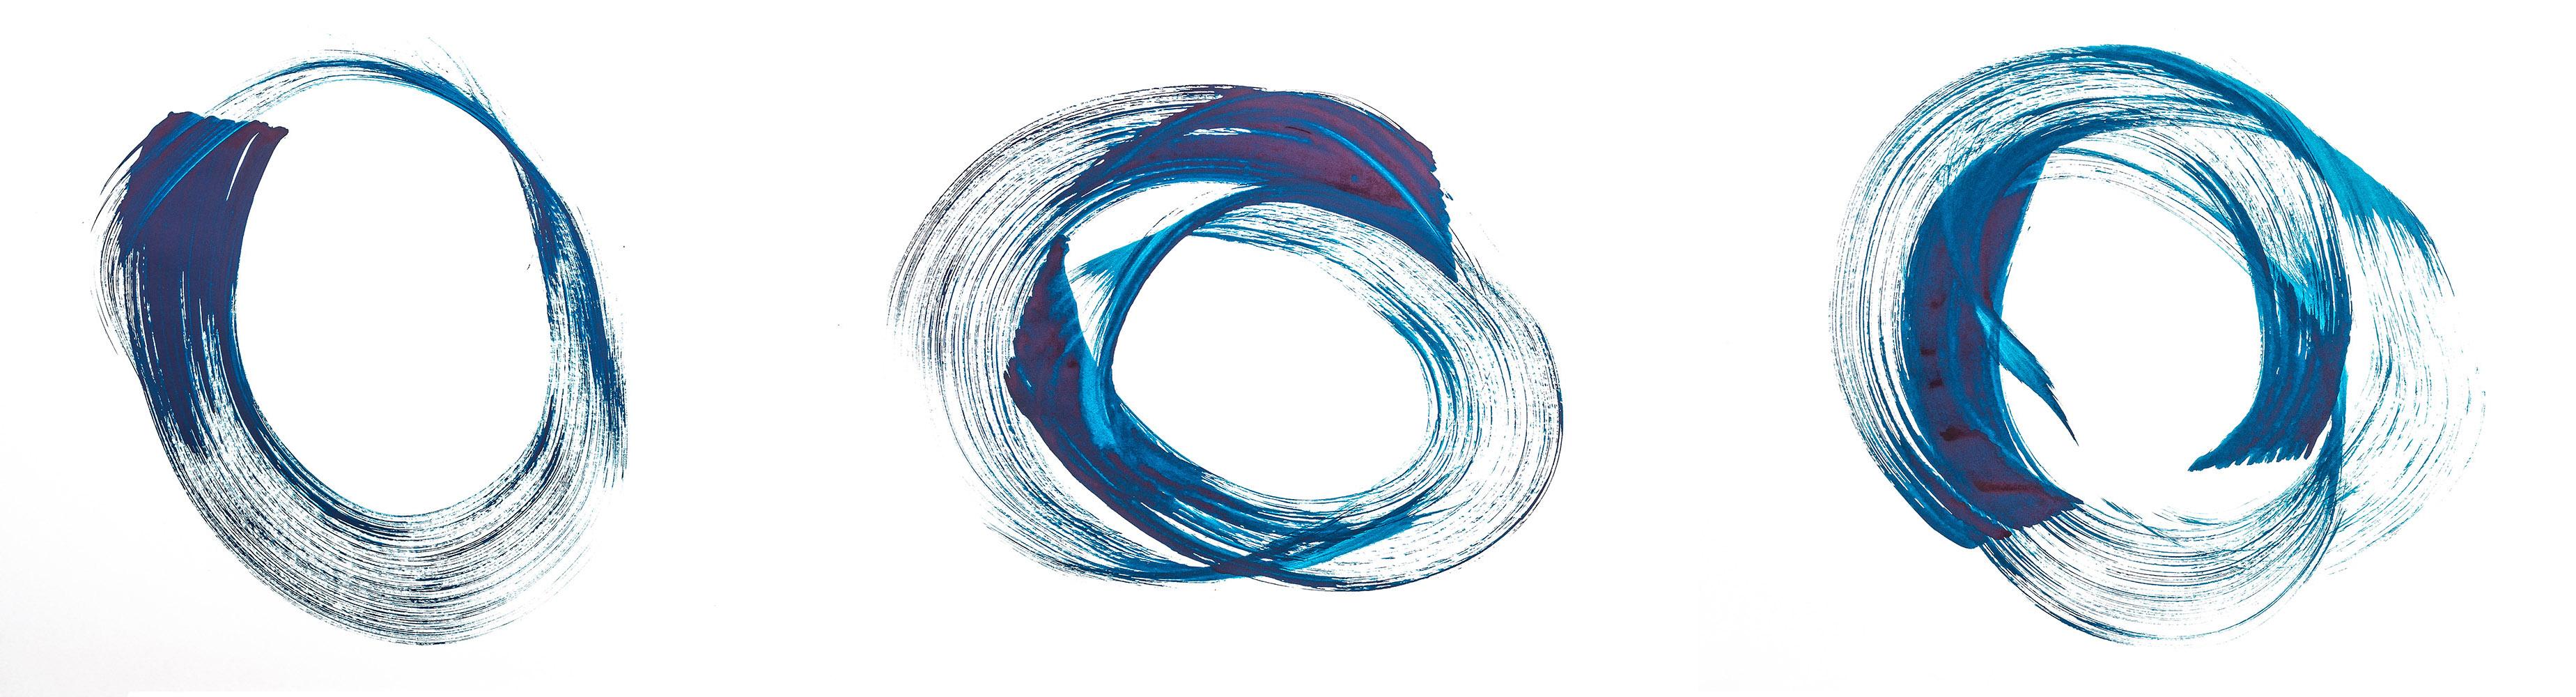 Le mouvement du son bleu